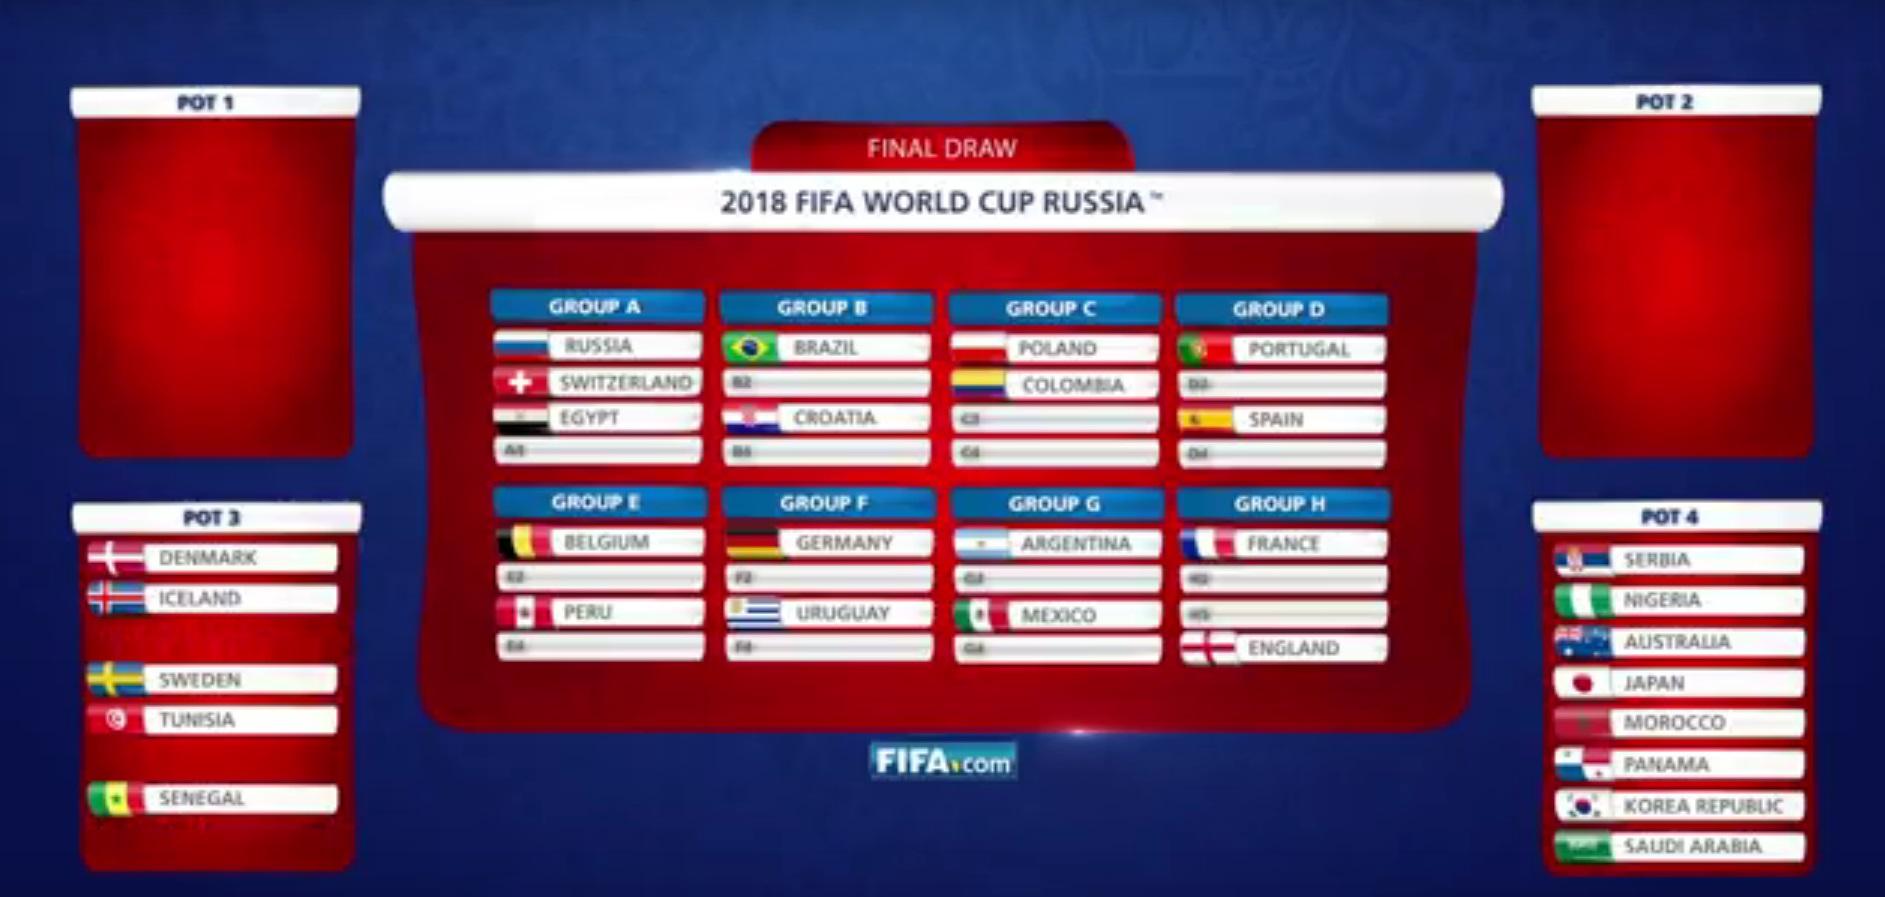 числа 2018 до какого чемпионат футболу мира по